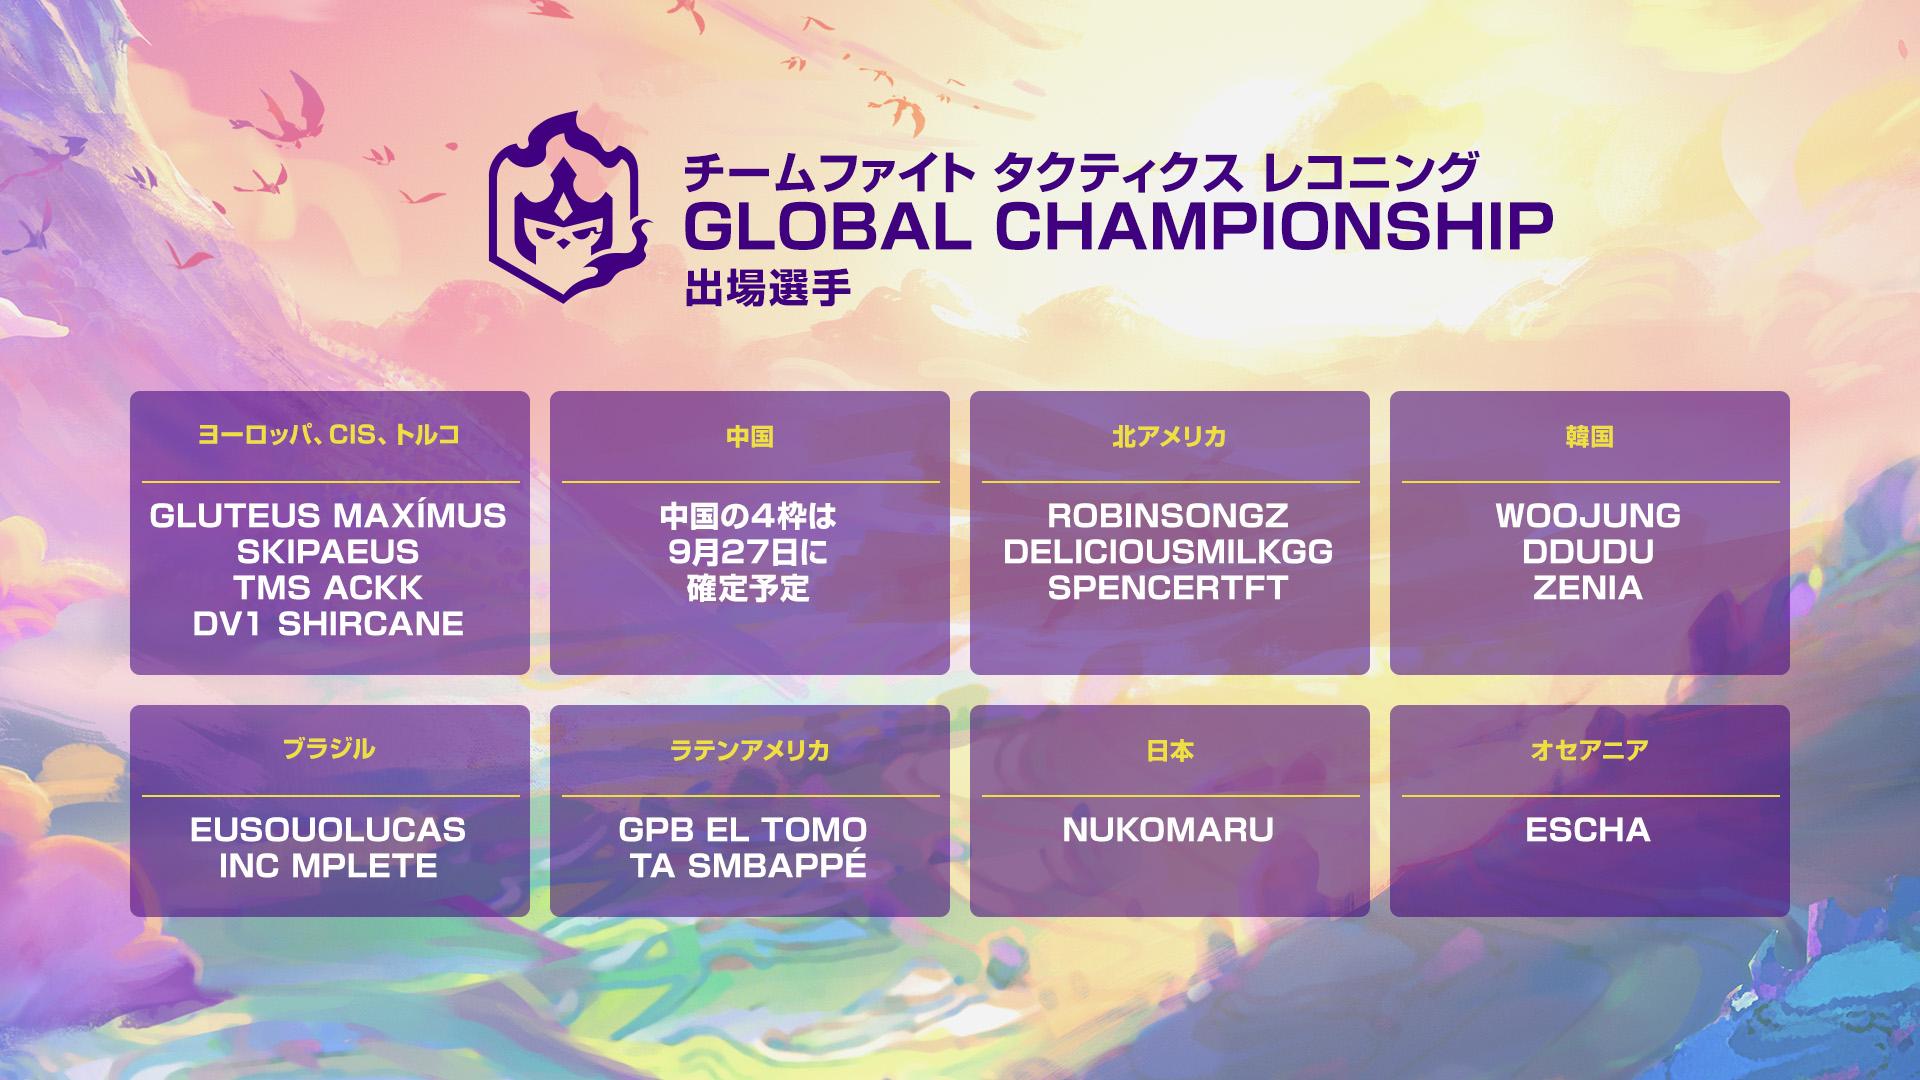 tft2021-worldchampionship-primer-v1.2_02-players_JA.jpg